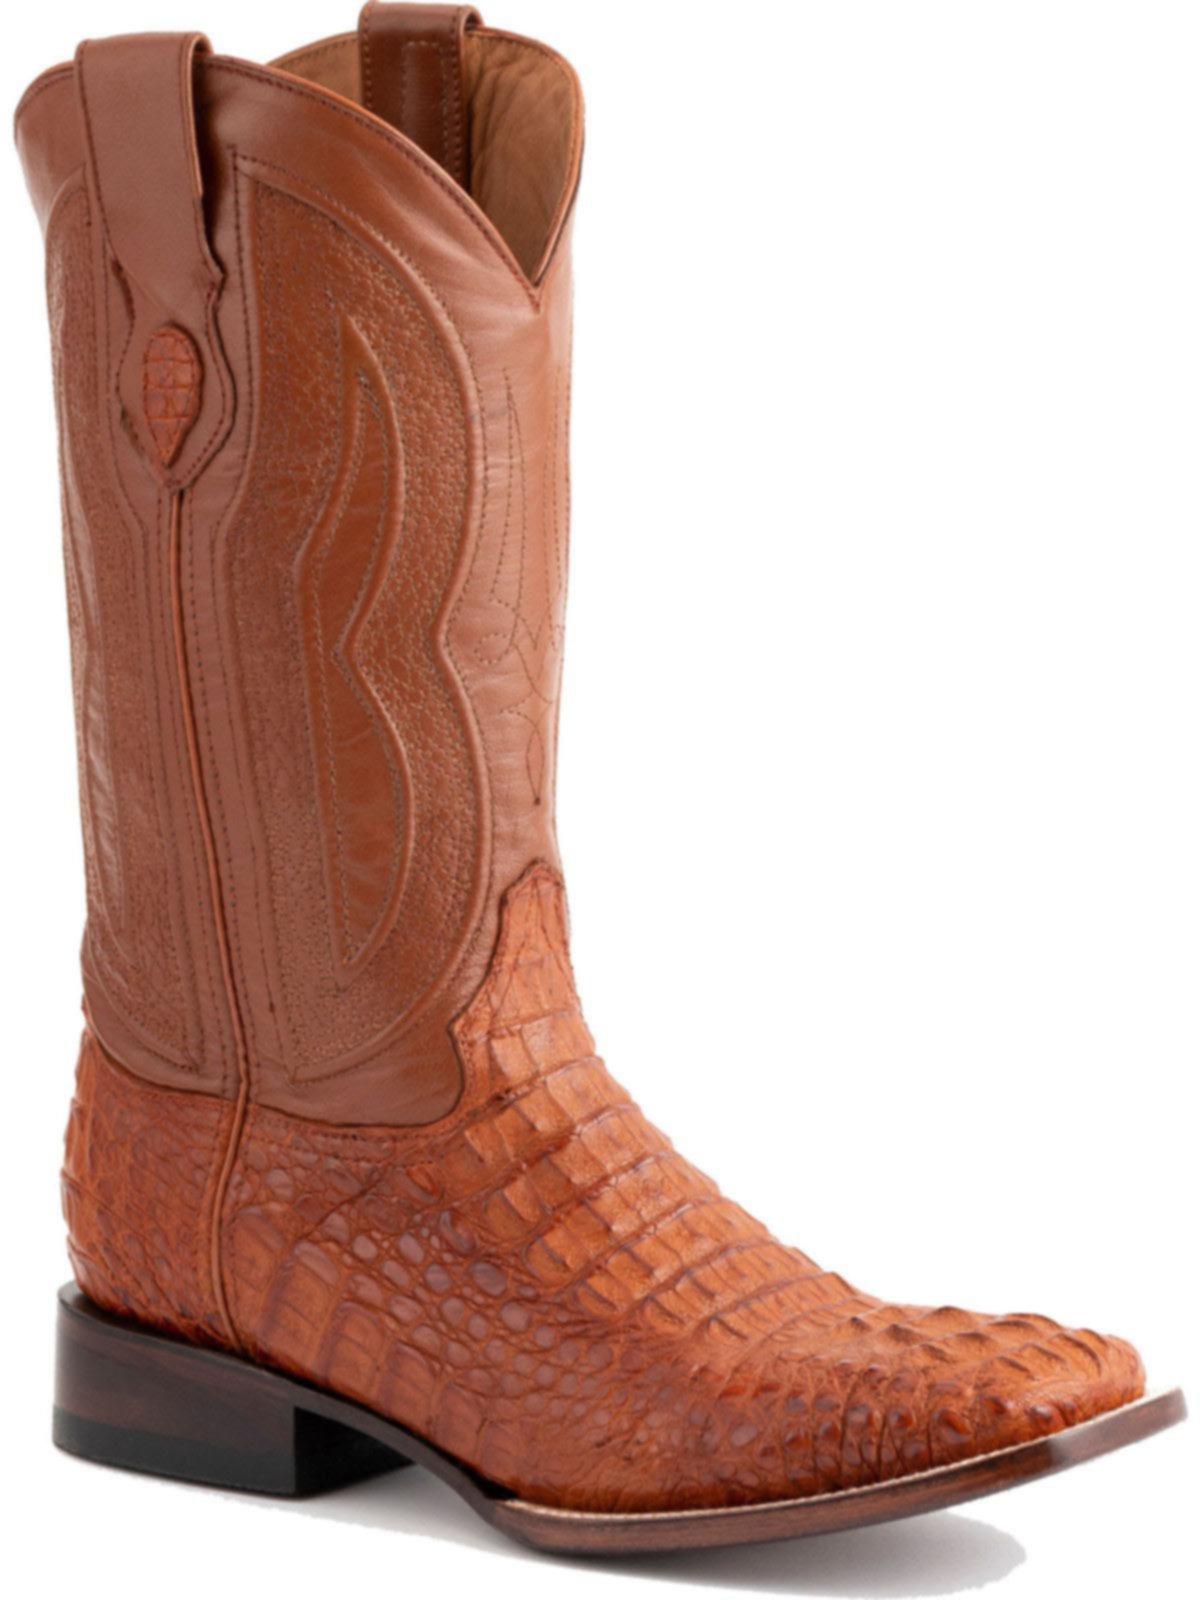 Durango Mens Cowboy Boots